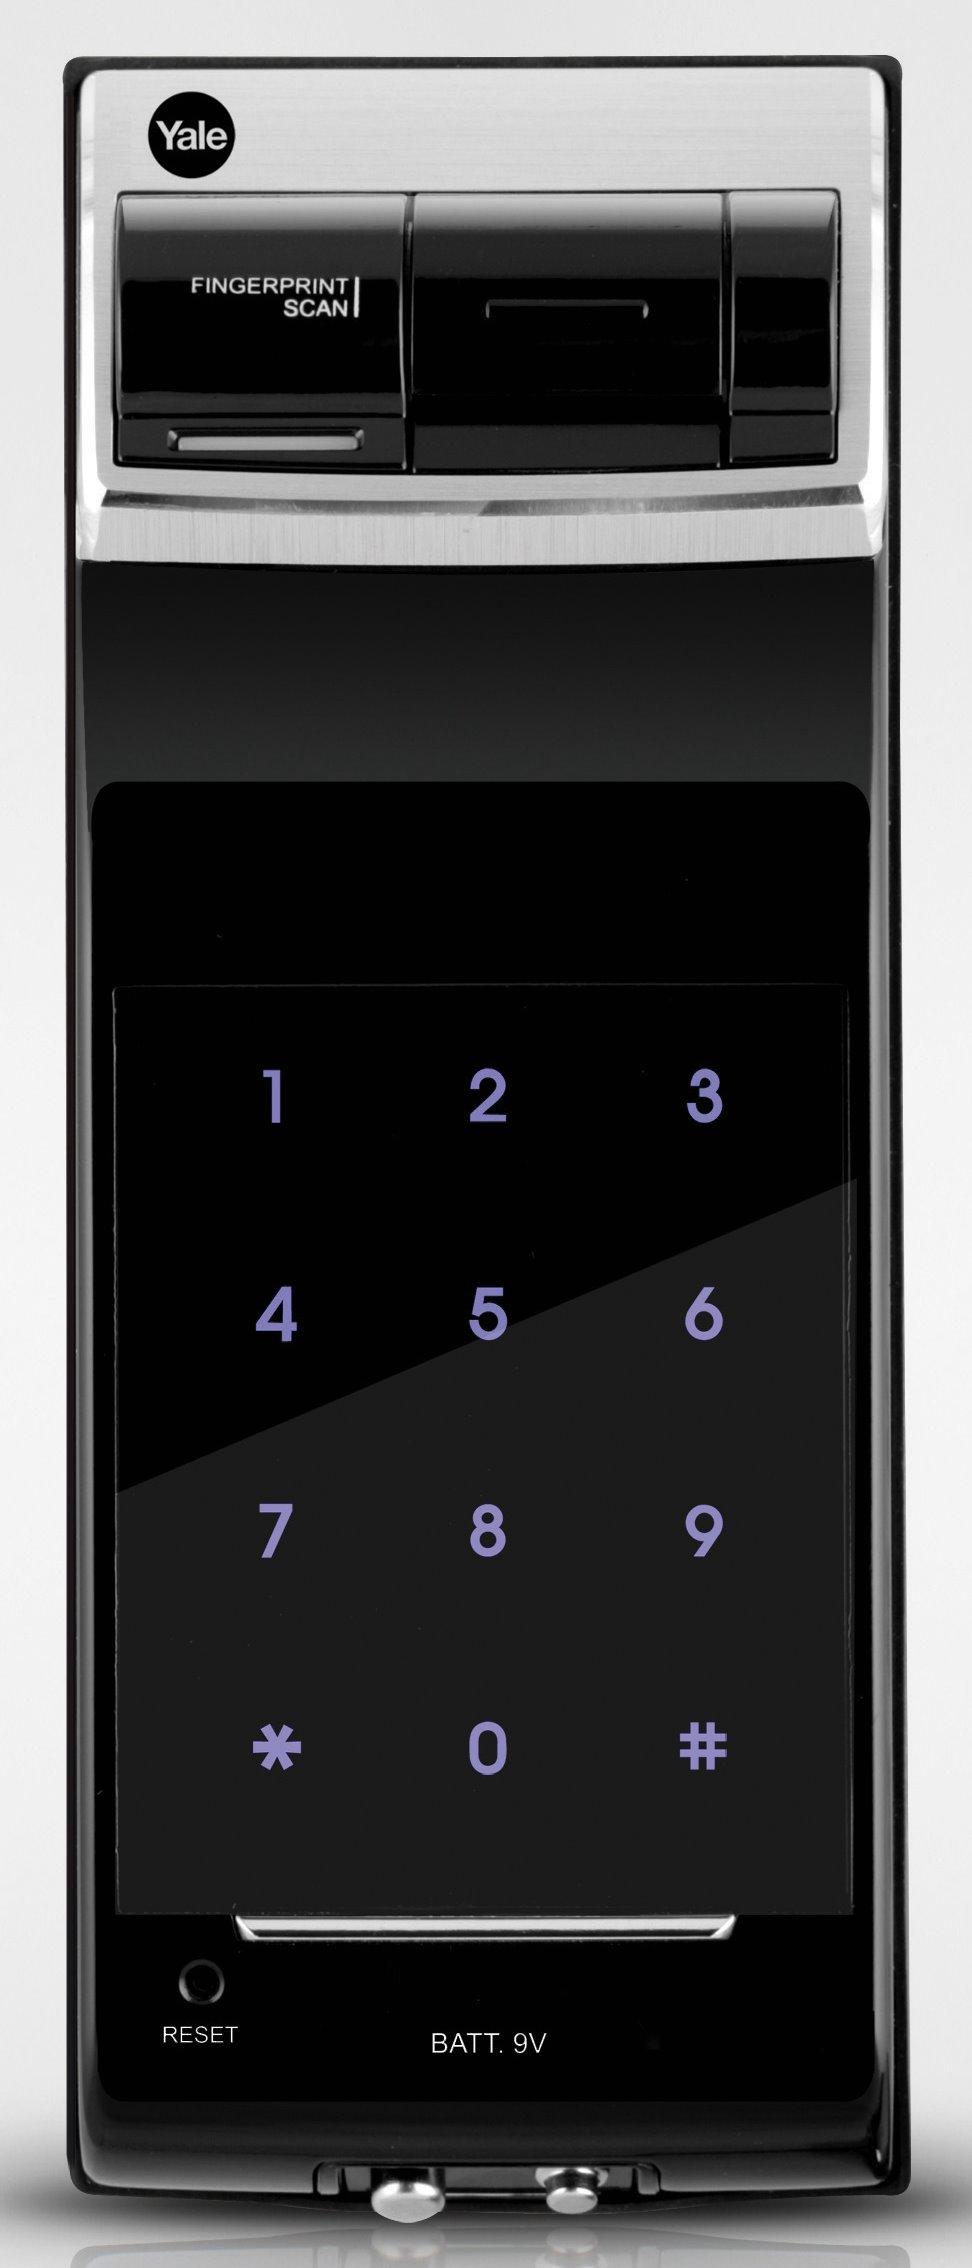 YDR4110 serratura ad applicare motorizzata biometrica